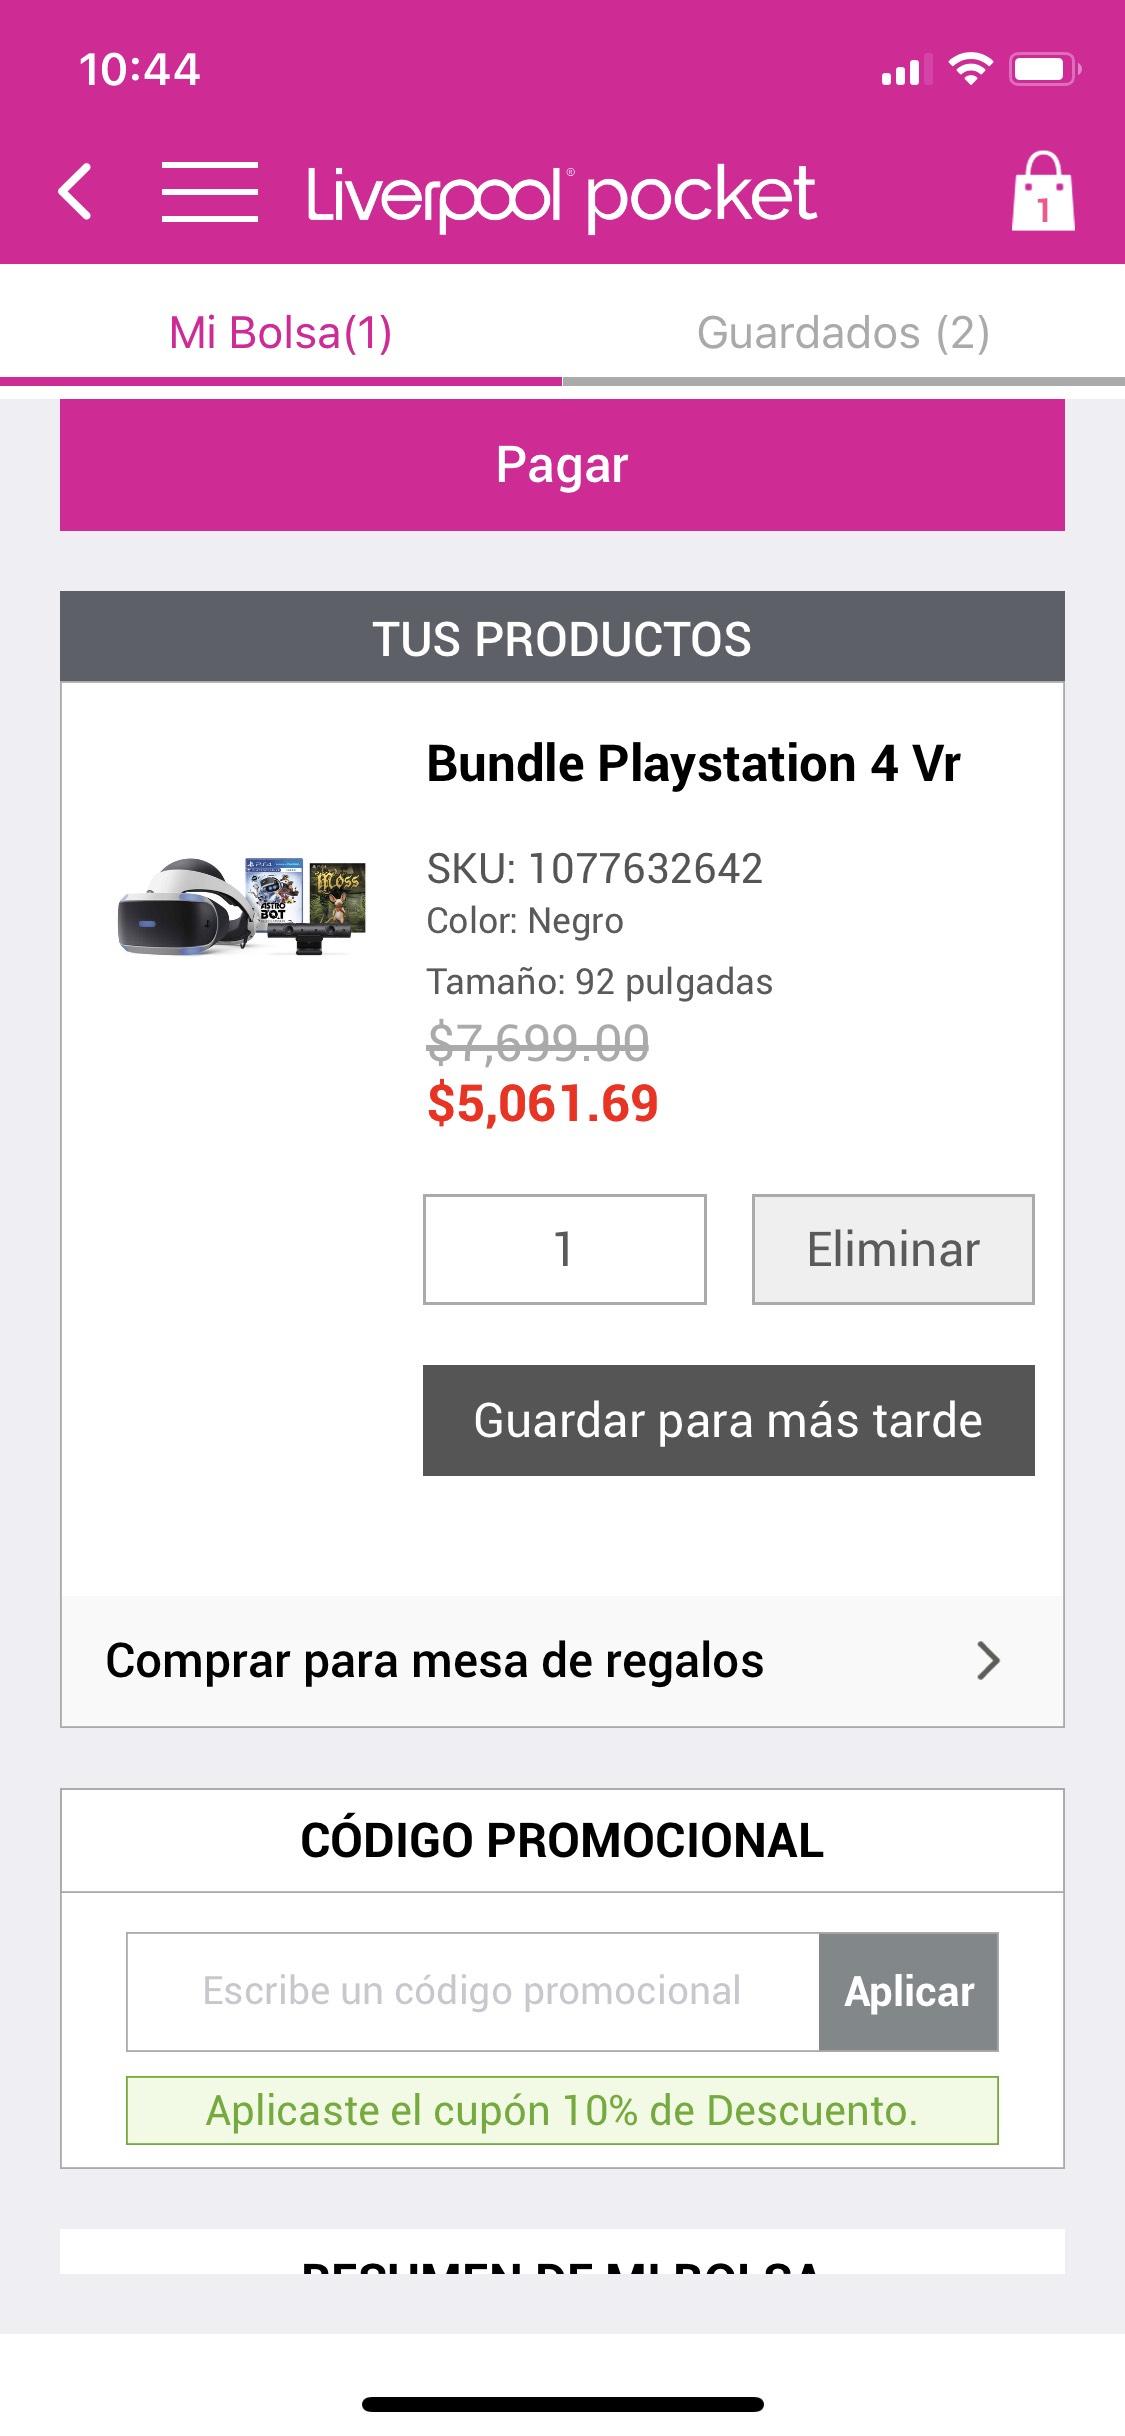 Liverpool: Bundle Playstation 4 VR